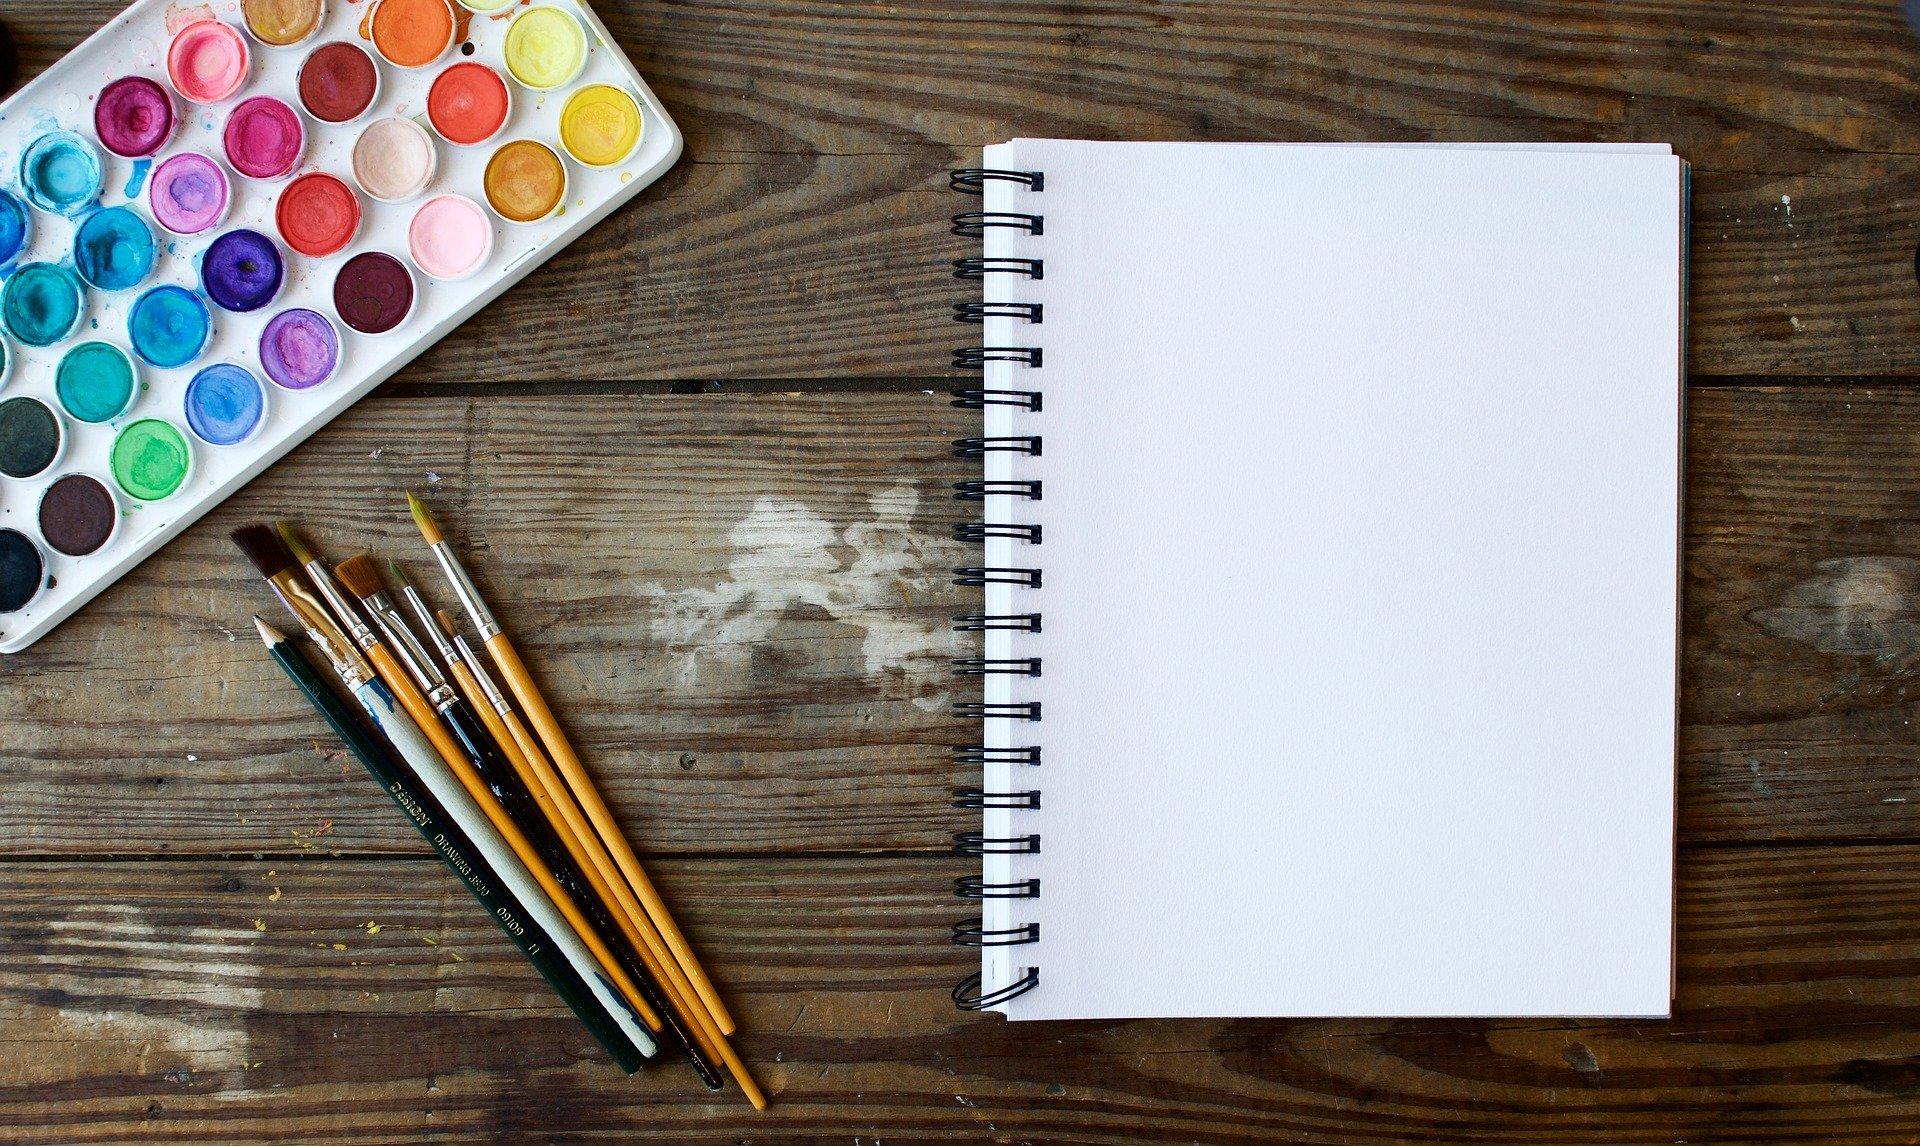 Papper och målarfärger